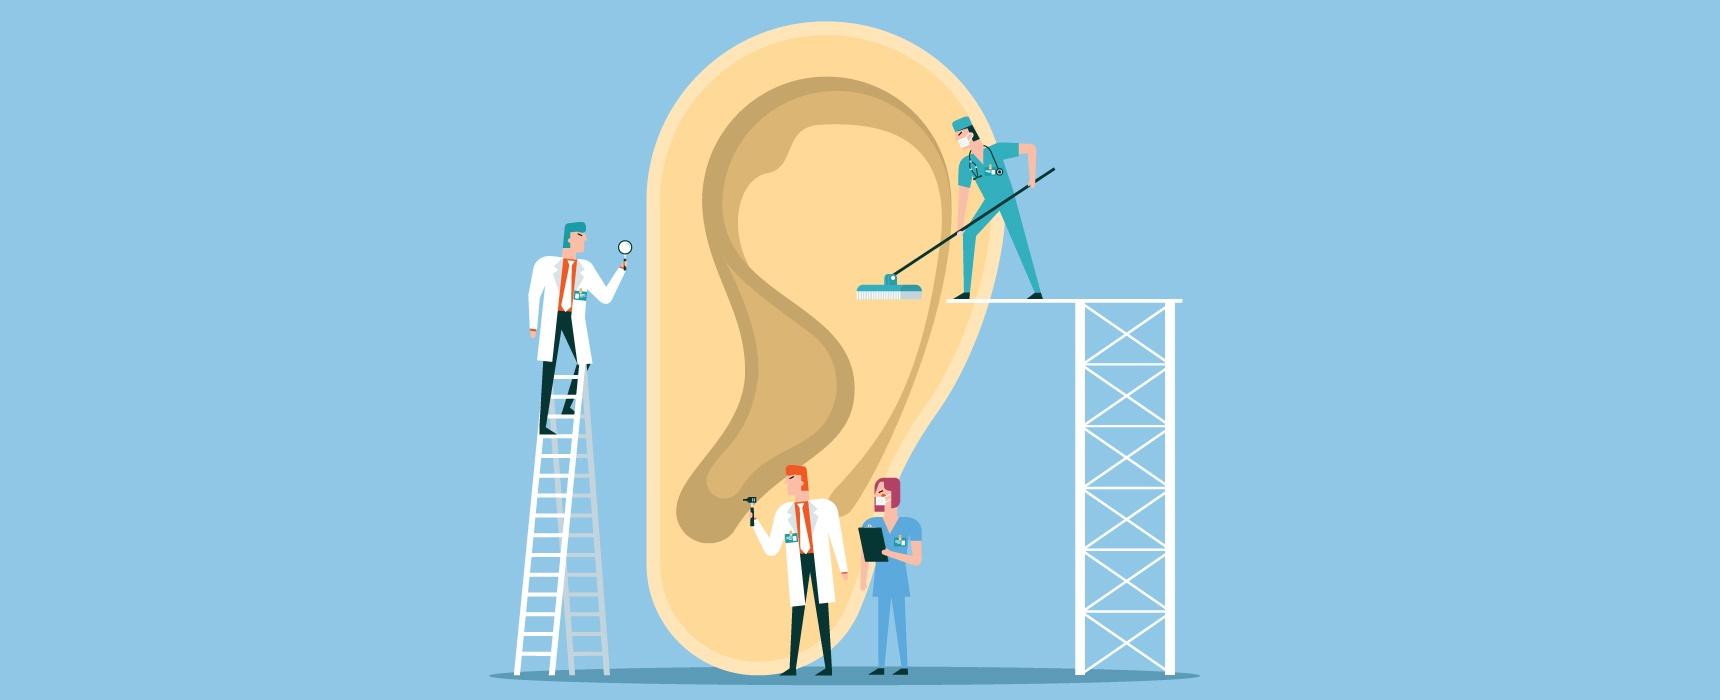 hearing loss, hearing care, hearing aids, blocked ears, loss of hearing, hearing care, helping hearing loss